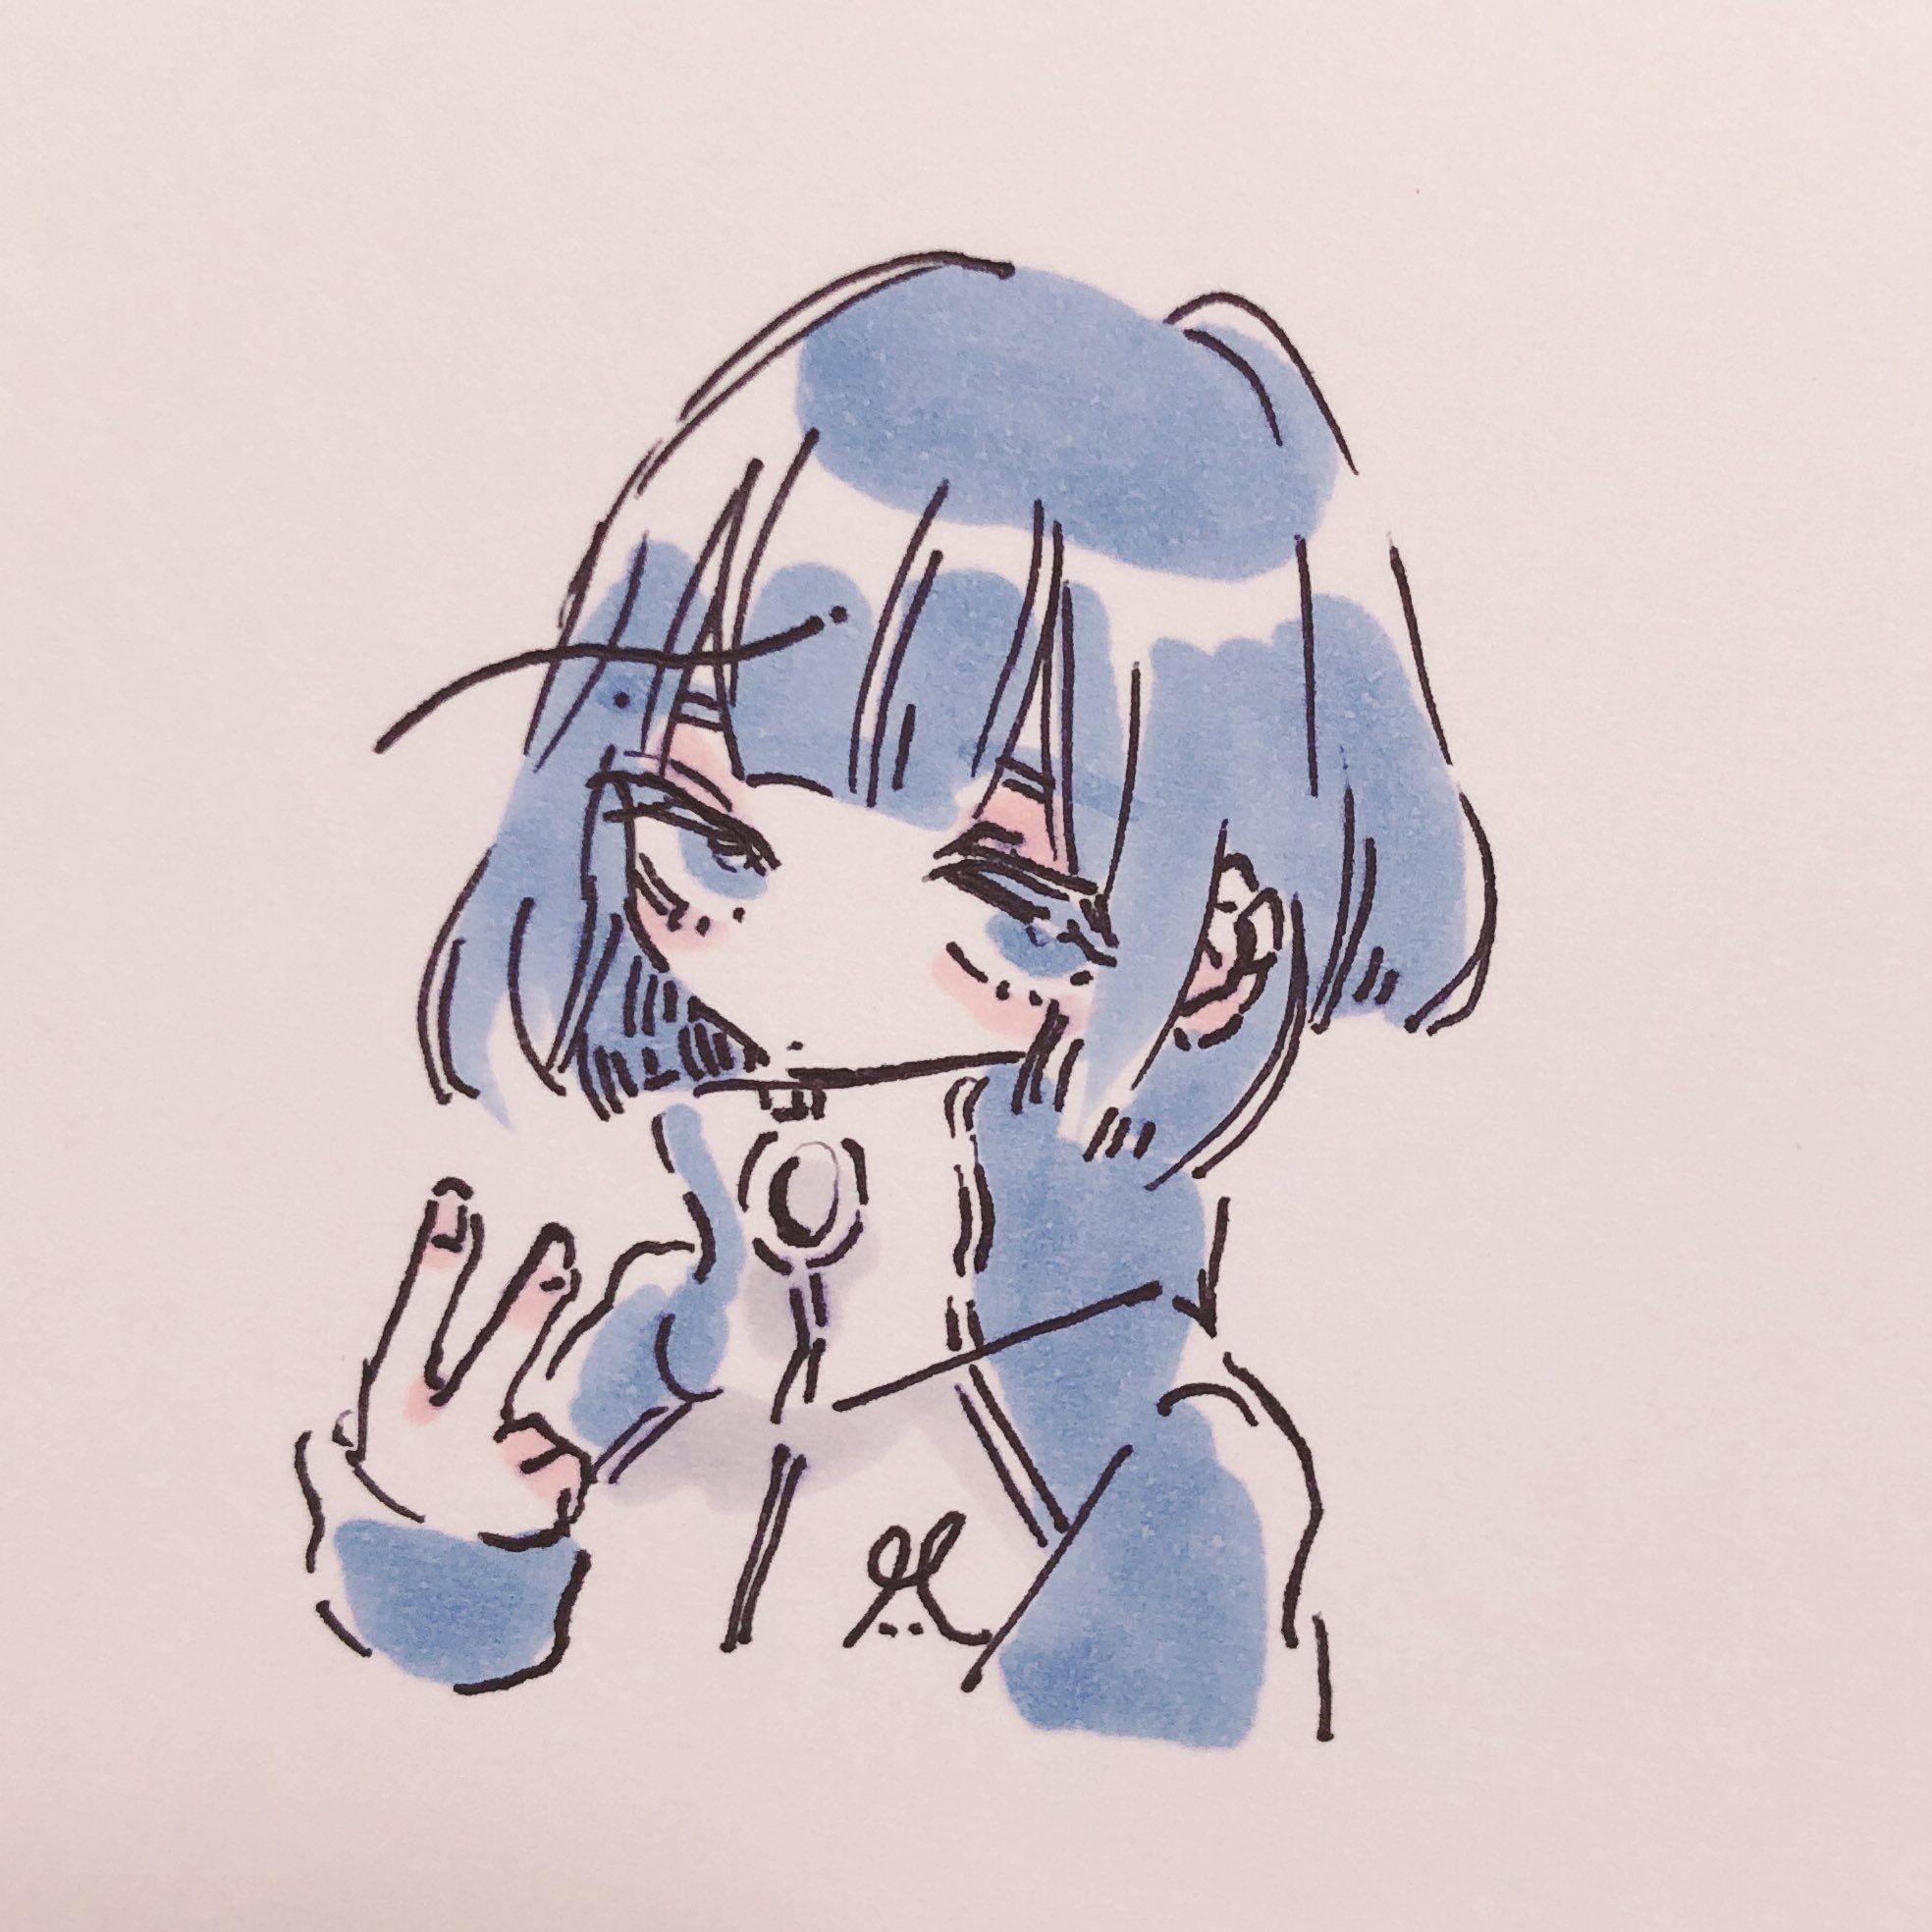 Pin By Lulu On How 2 Art Cute Art Cute Little Drawings Cute Art Styles